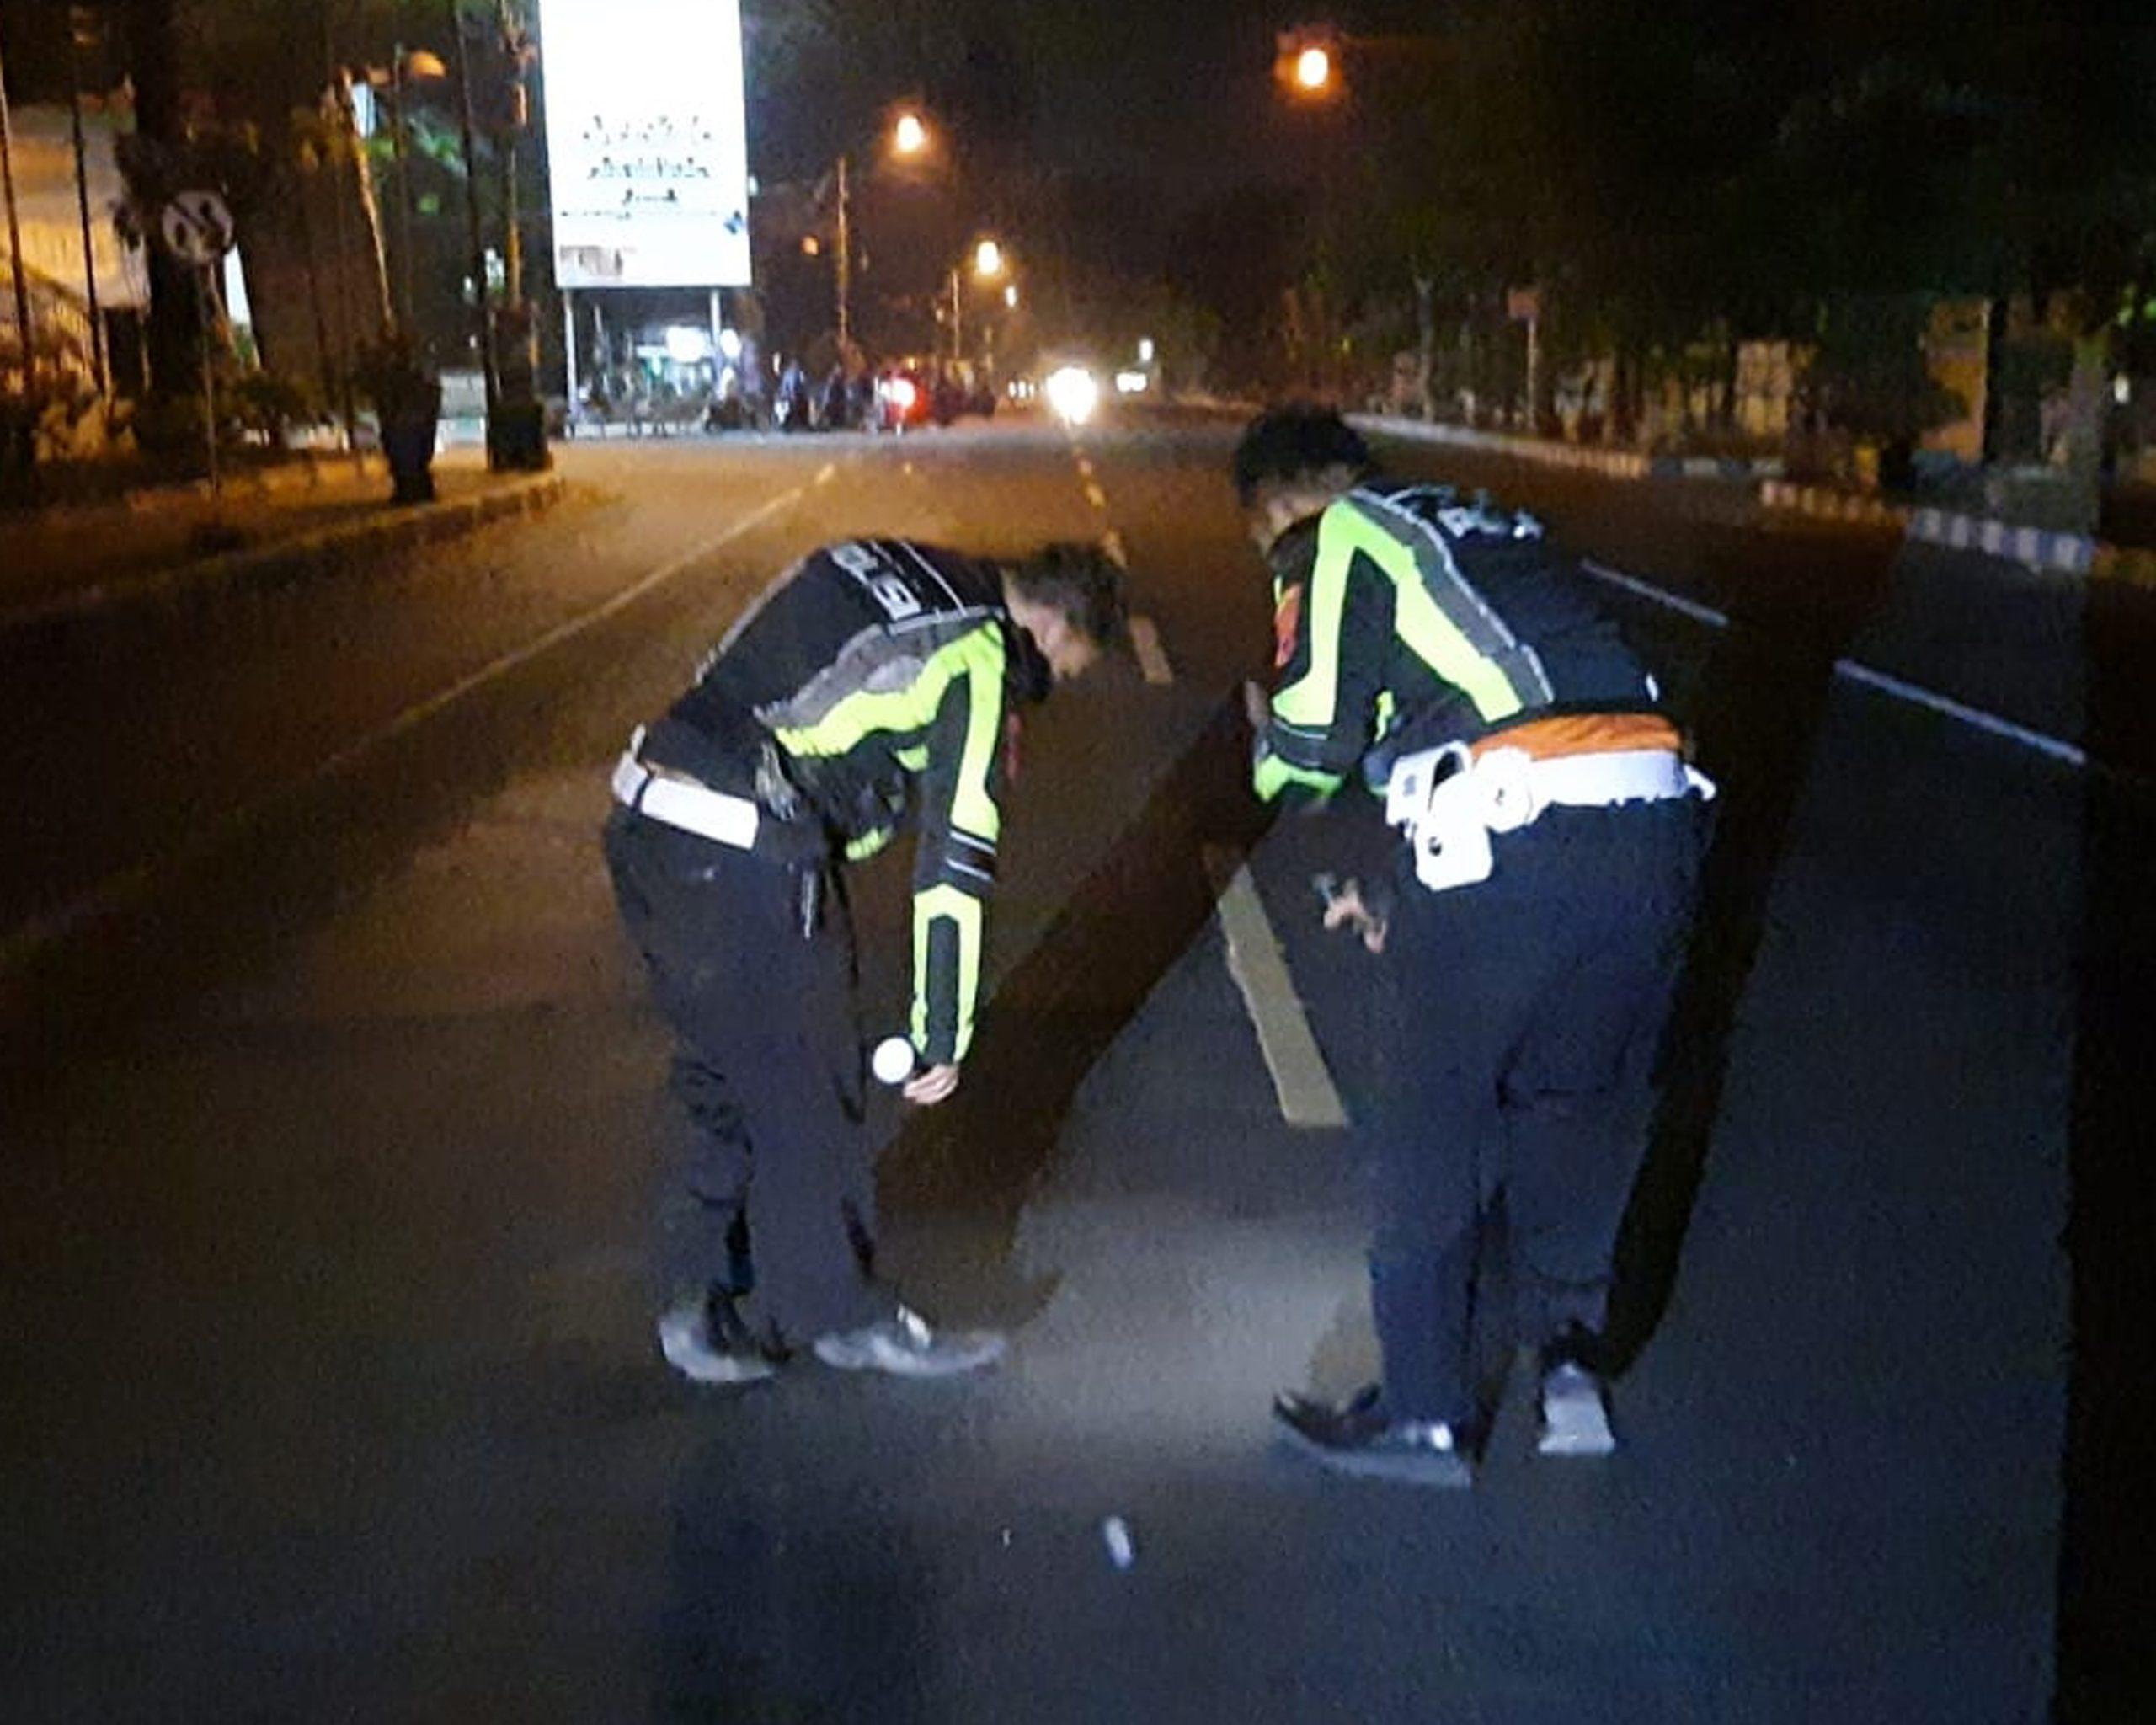 pria Tidak Memiliki identitas, minibus, tidur di tengah jalan. mojosari